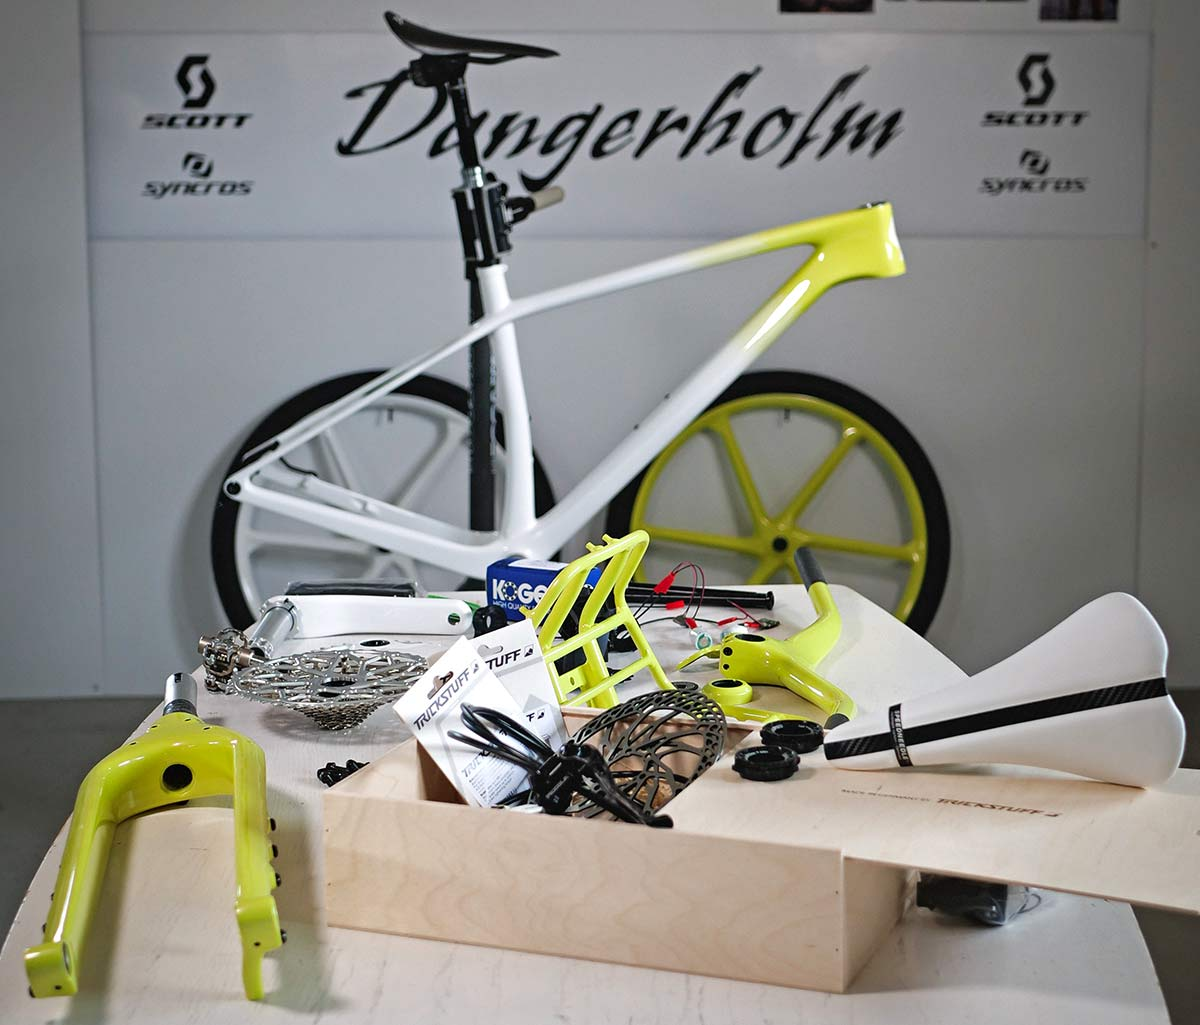 Dangerholm mellow yellow Scott Scale Gravel custom project bike, Gustav Gullholm dream bike builder, photo by Andreas Timfalt,build kit